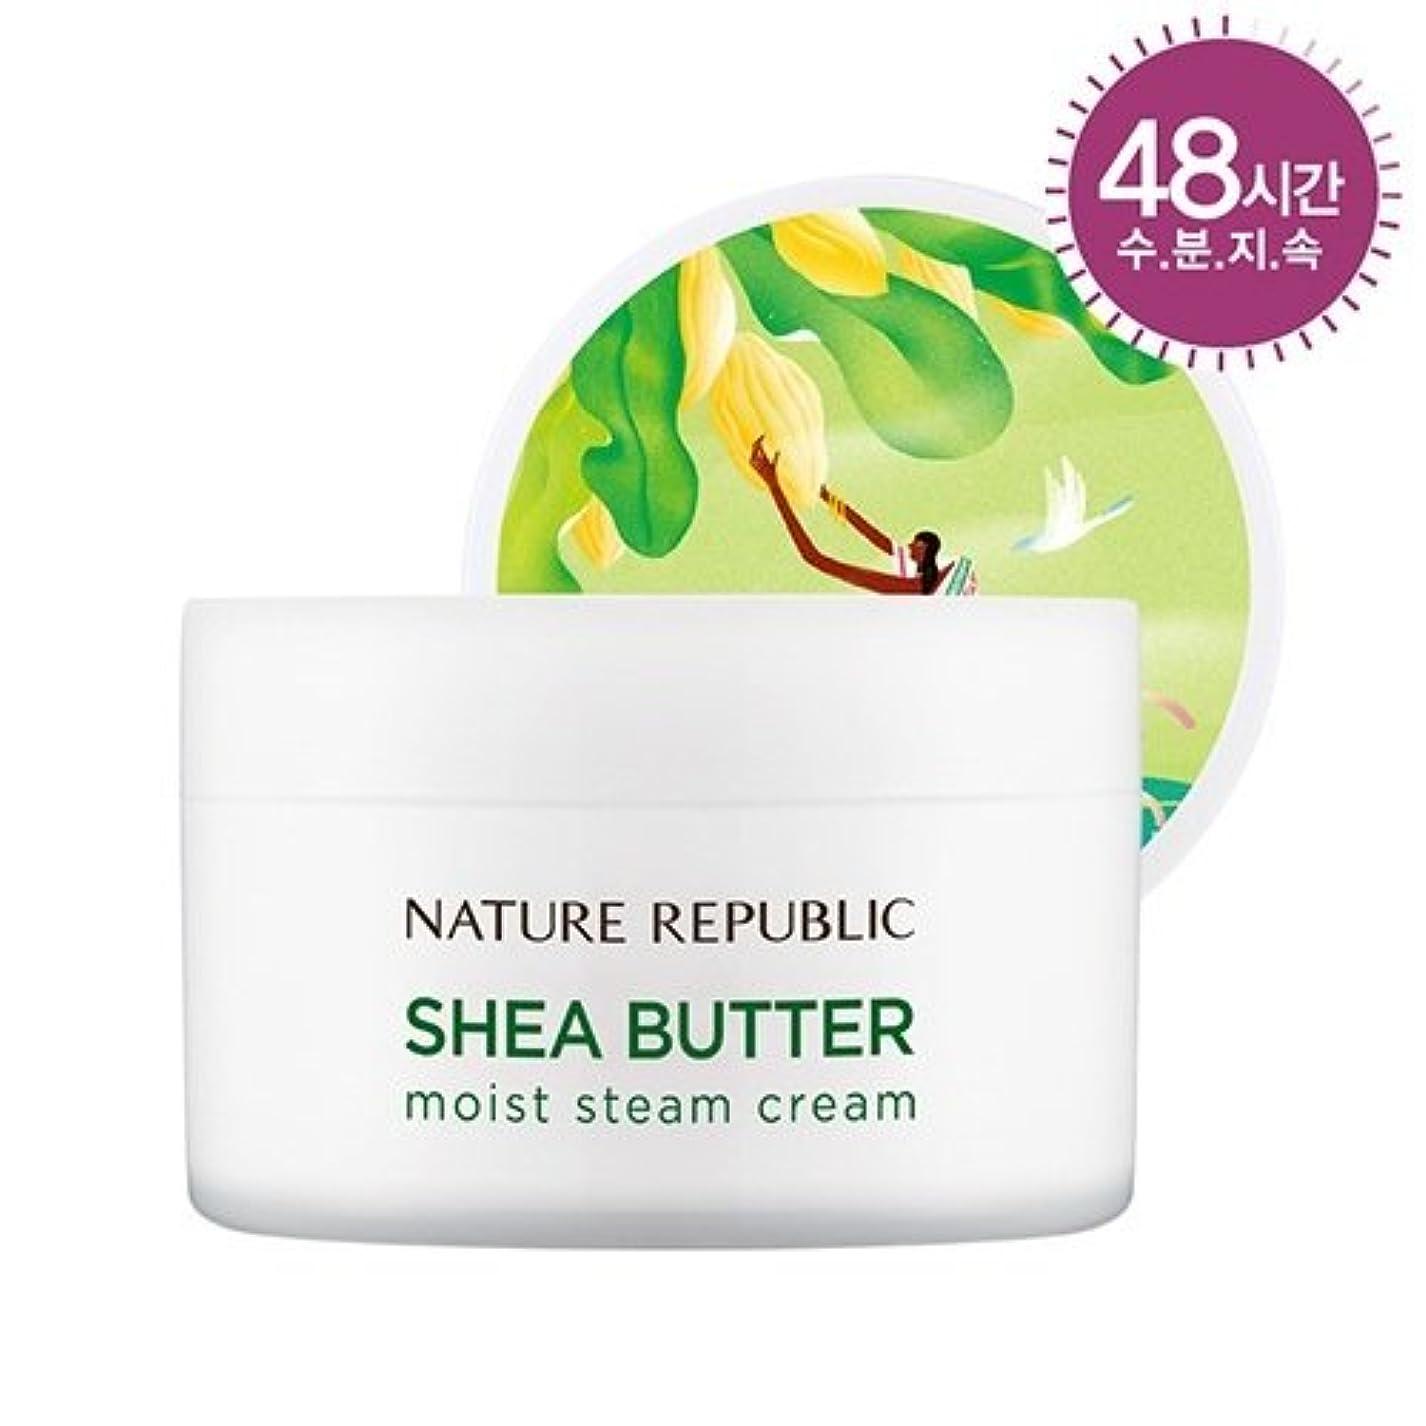 自然拍手する力強いNATURE REPUBLIC(ネイチャーリパブリック) SHEA BUTTER STEAM CREAM シアバター スチーム クリーム #モイスト乾燥肌